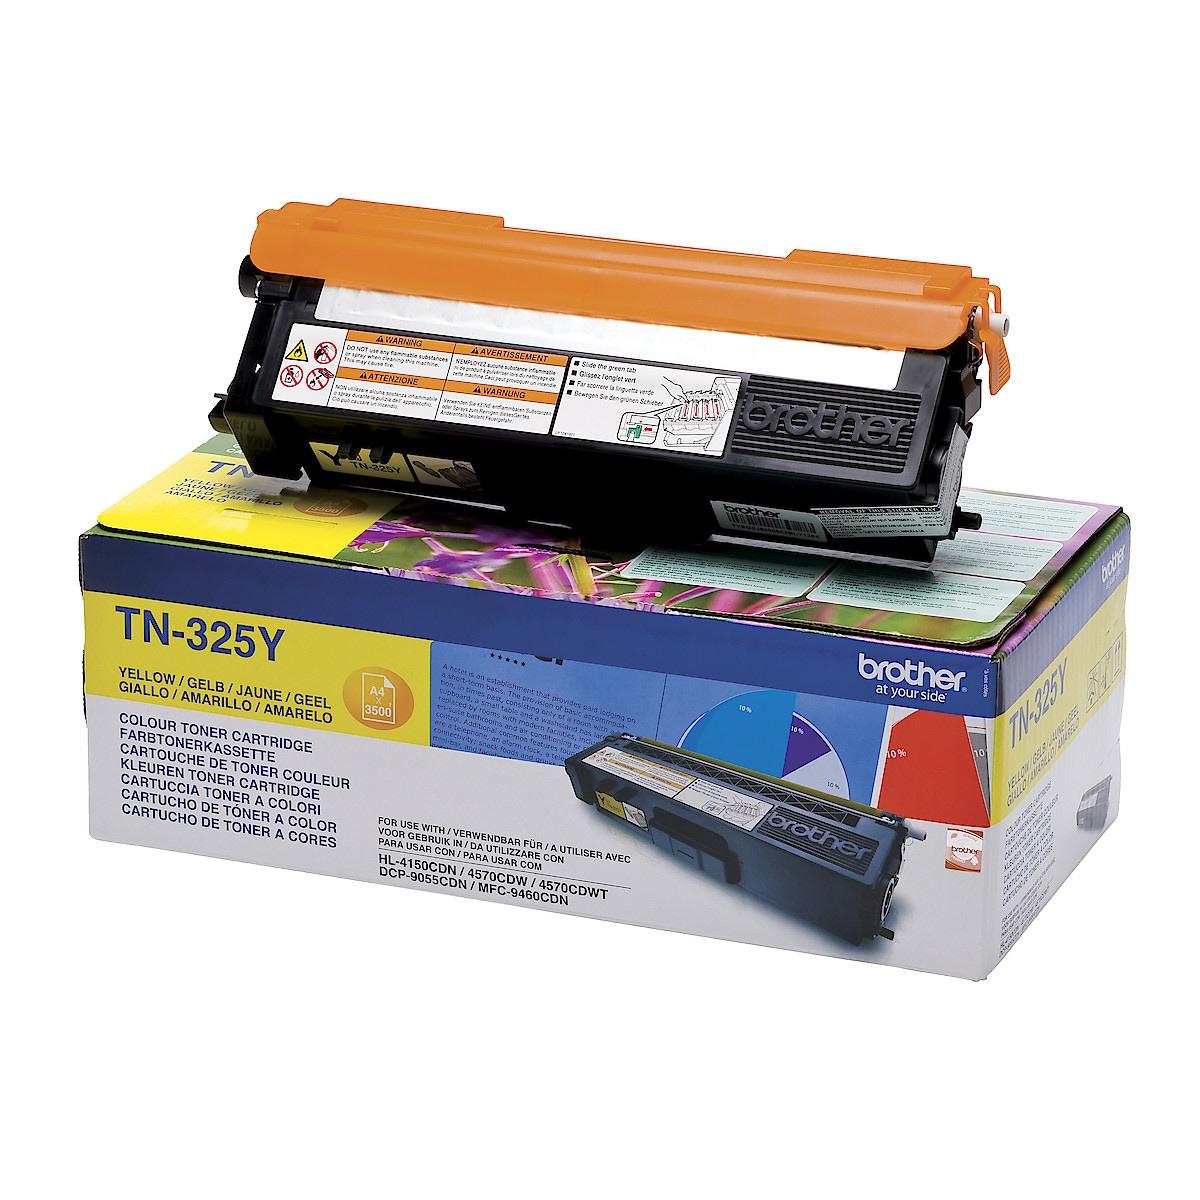 Toner for laserskrivere Brother TN-325